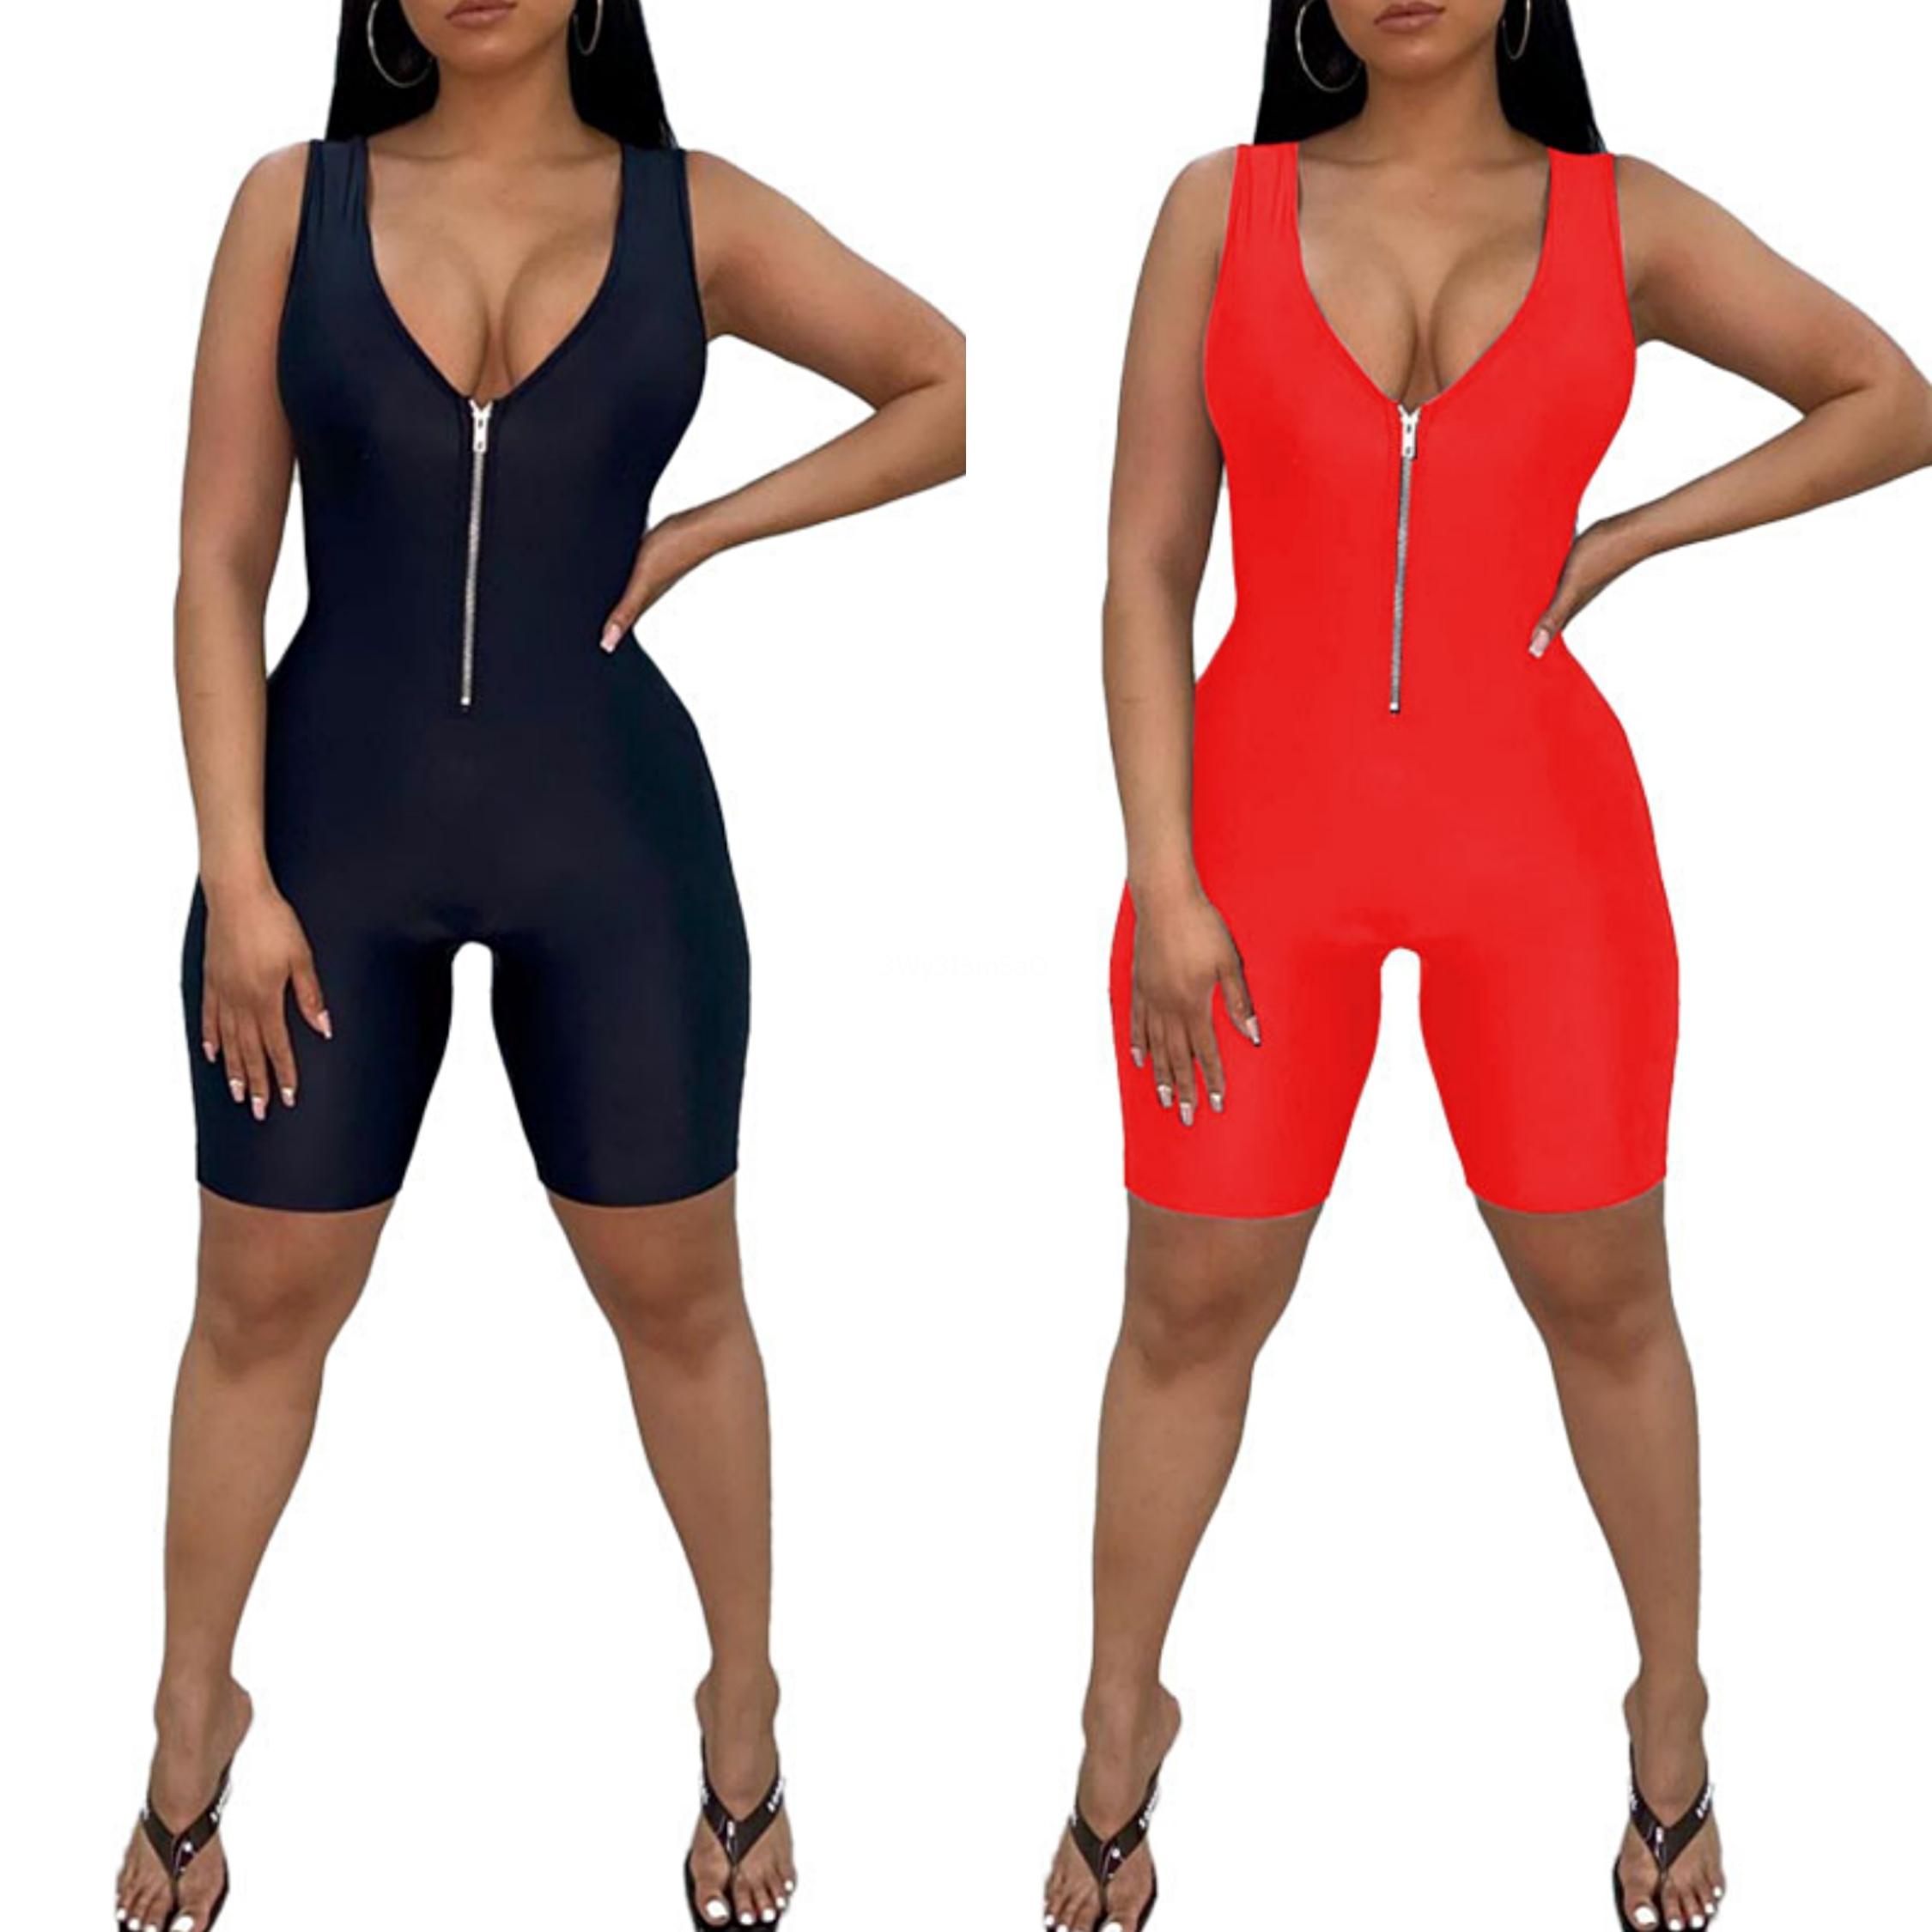 Nero Bianco Plaid sexy tuta 2020 Set Piece generale di estate Due Bassiera cinghia di spaghetti i pagliaccetti Womens Jumpsuit S-2XL # 57251